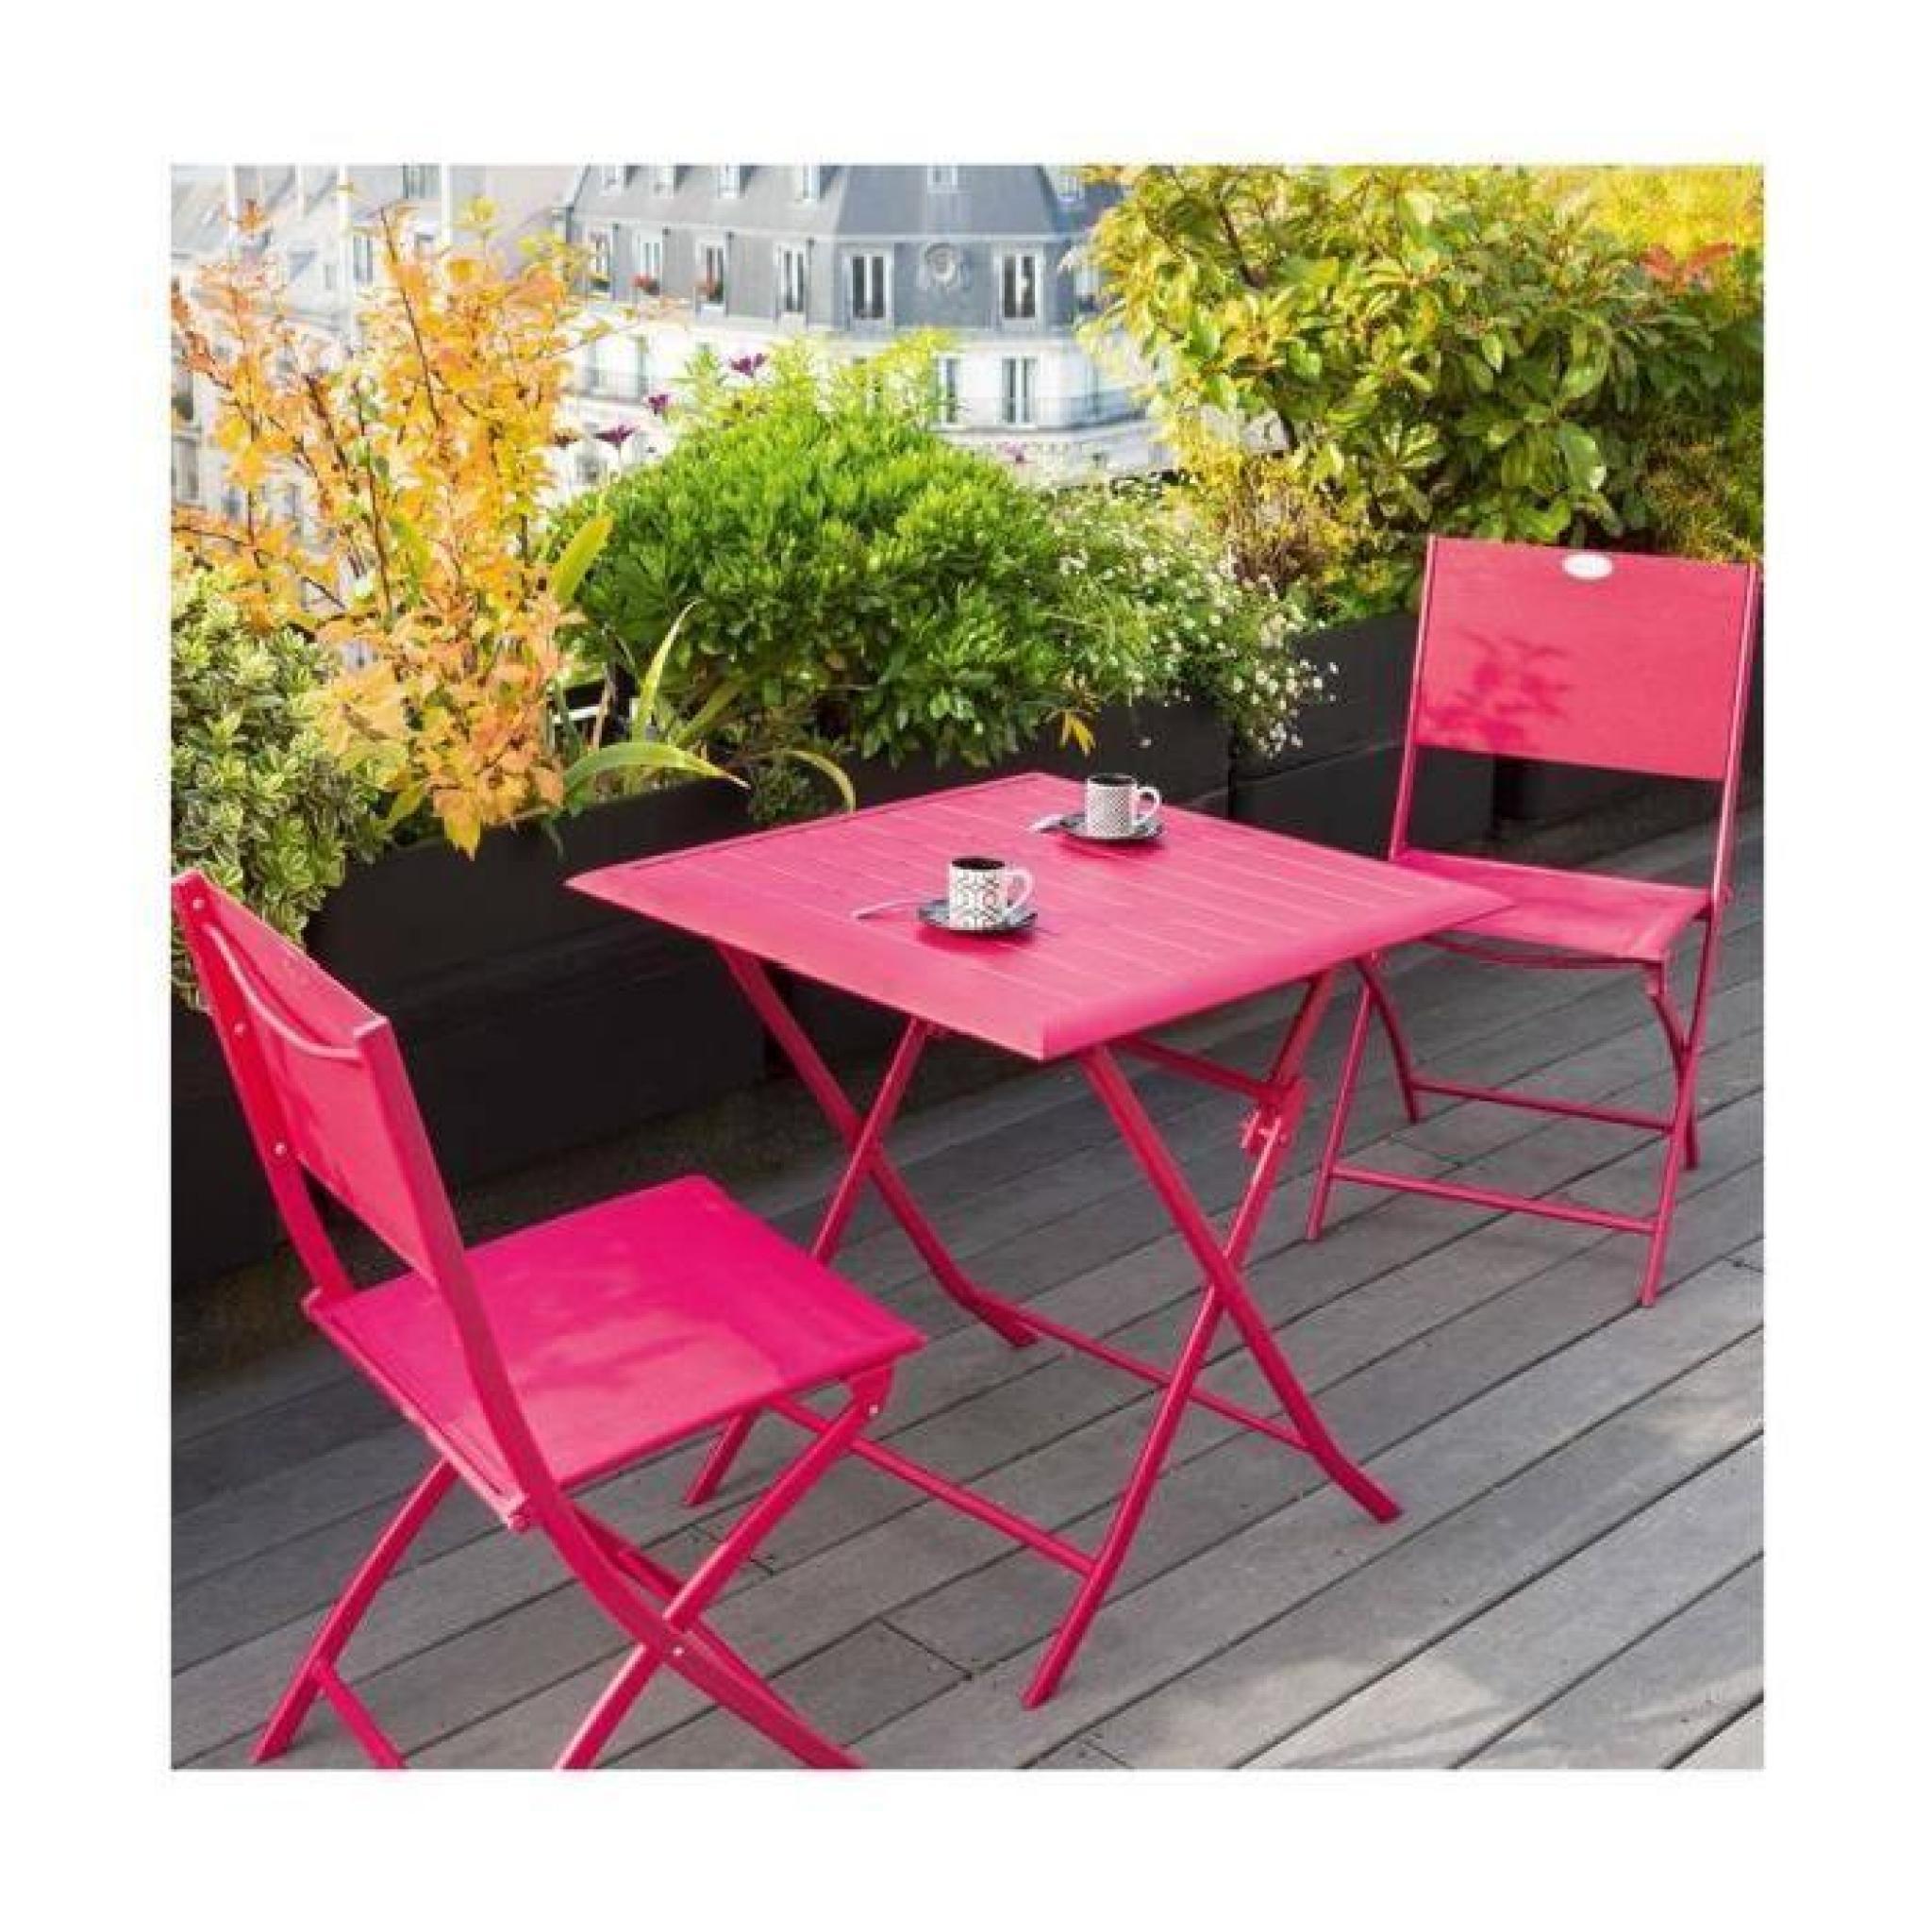 Table Azua Hesperide Pliante Alu Cerise 2 Places concernant Table Jardin Hesperide